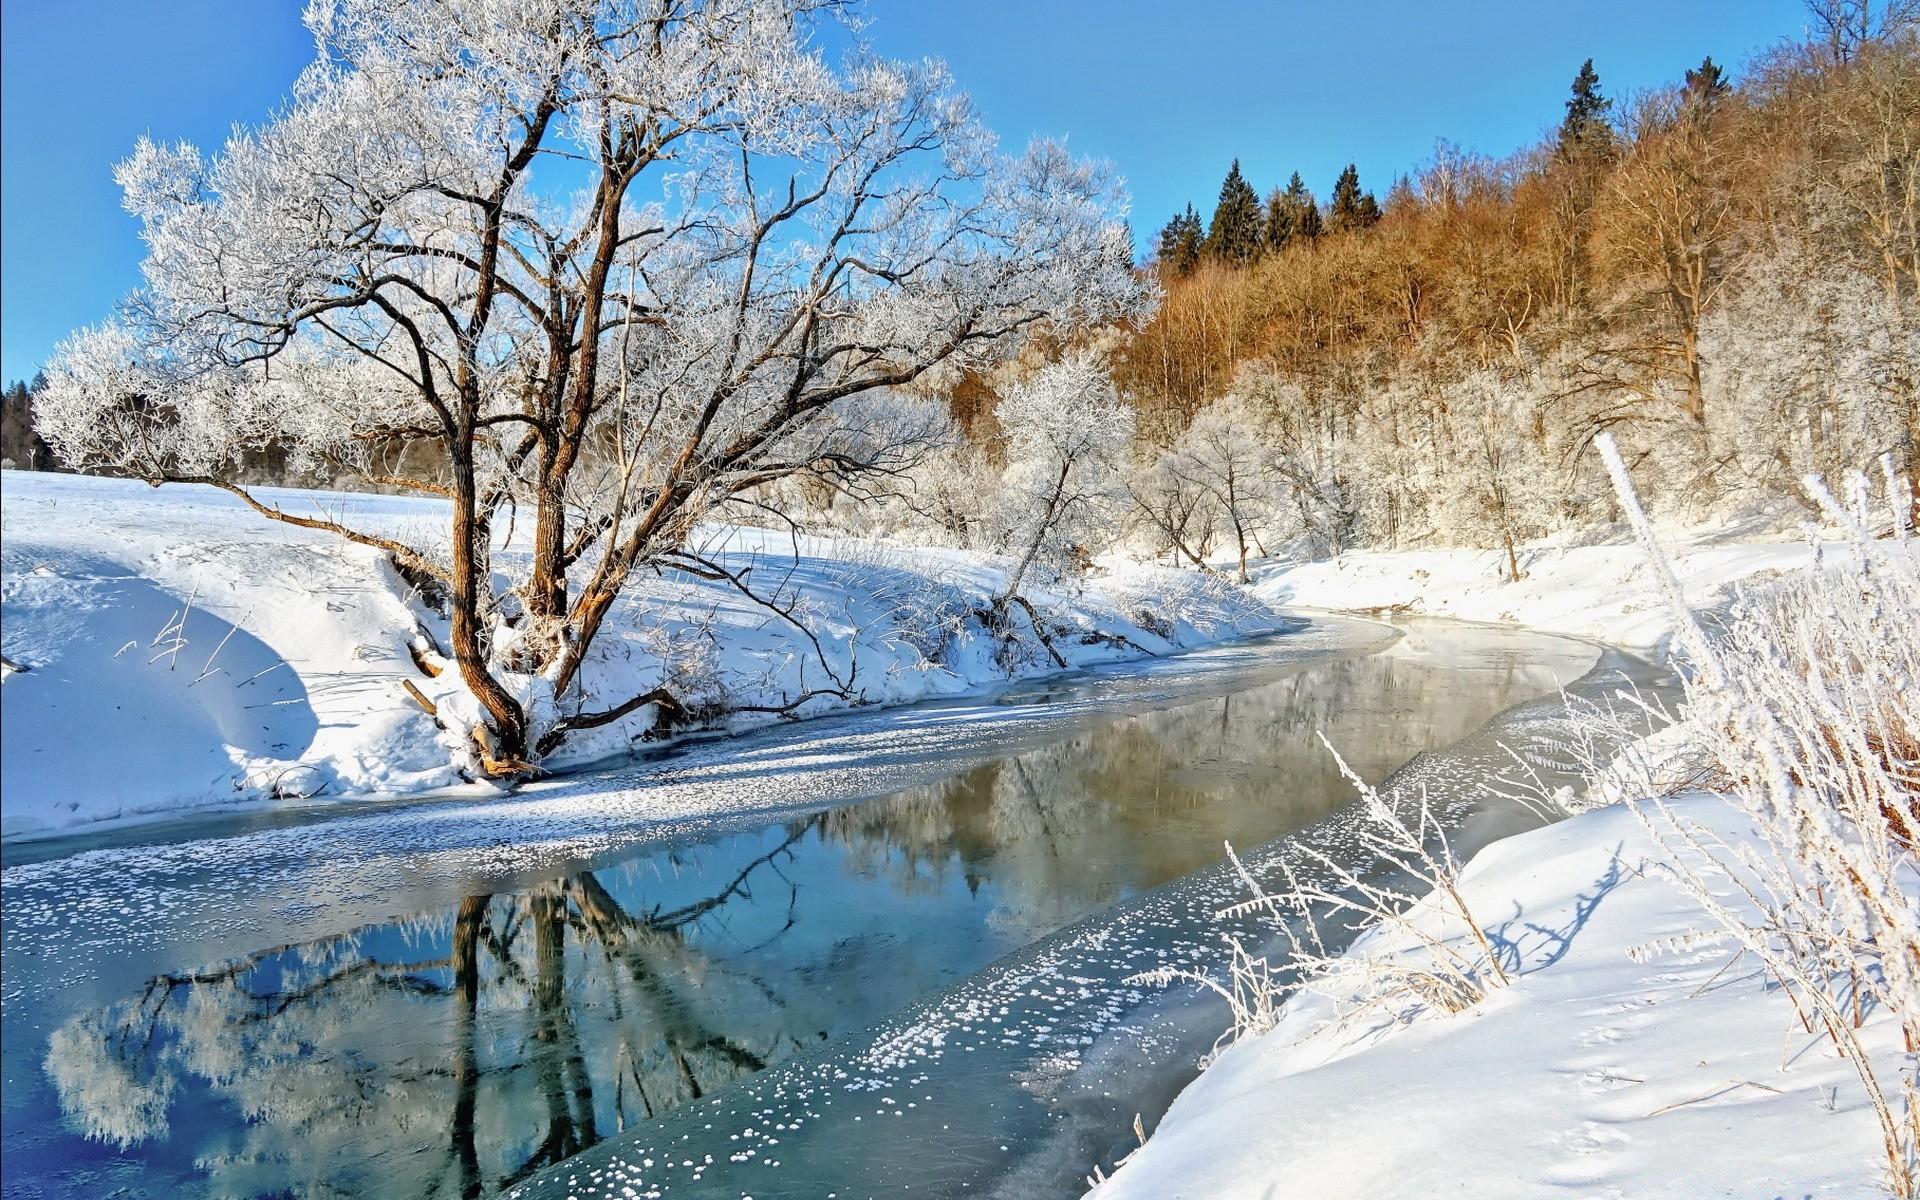 речка мороз зима the river frost winter  № 456378 без смс